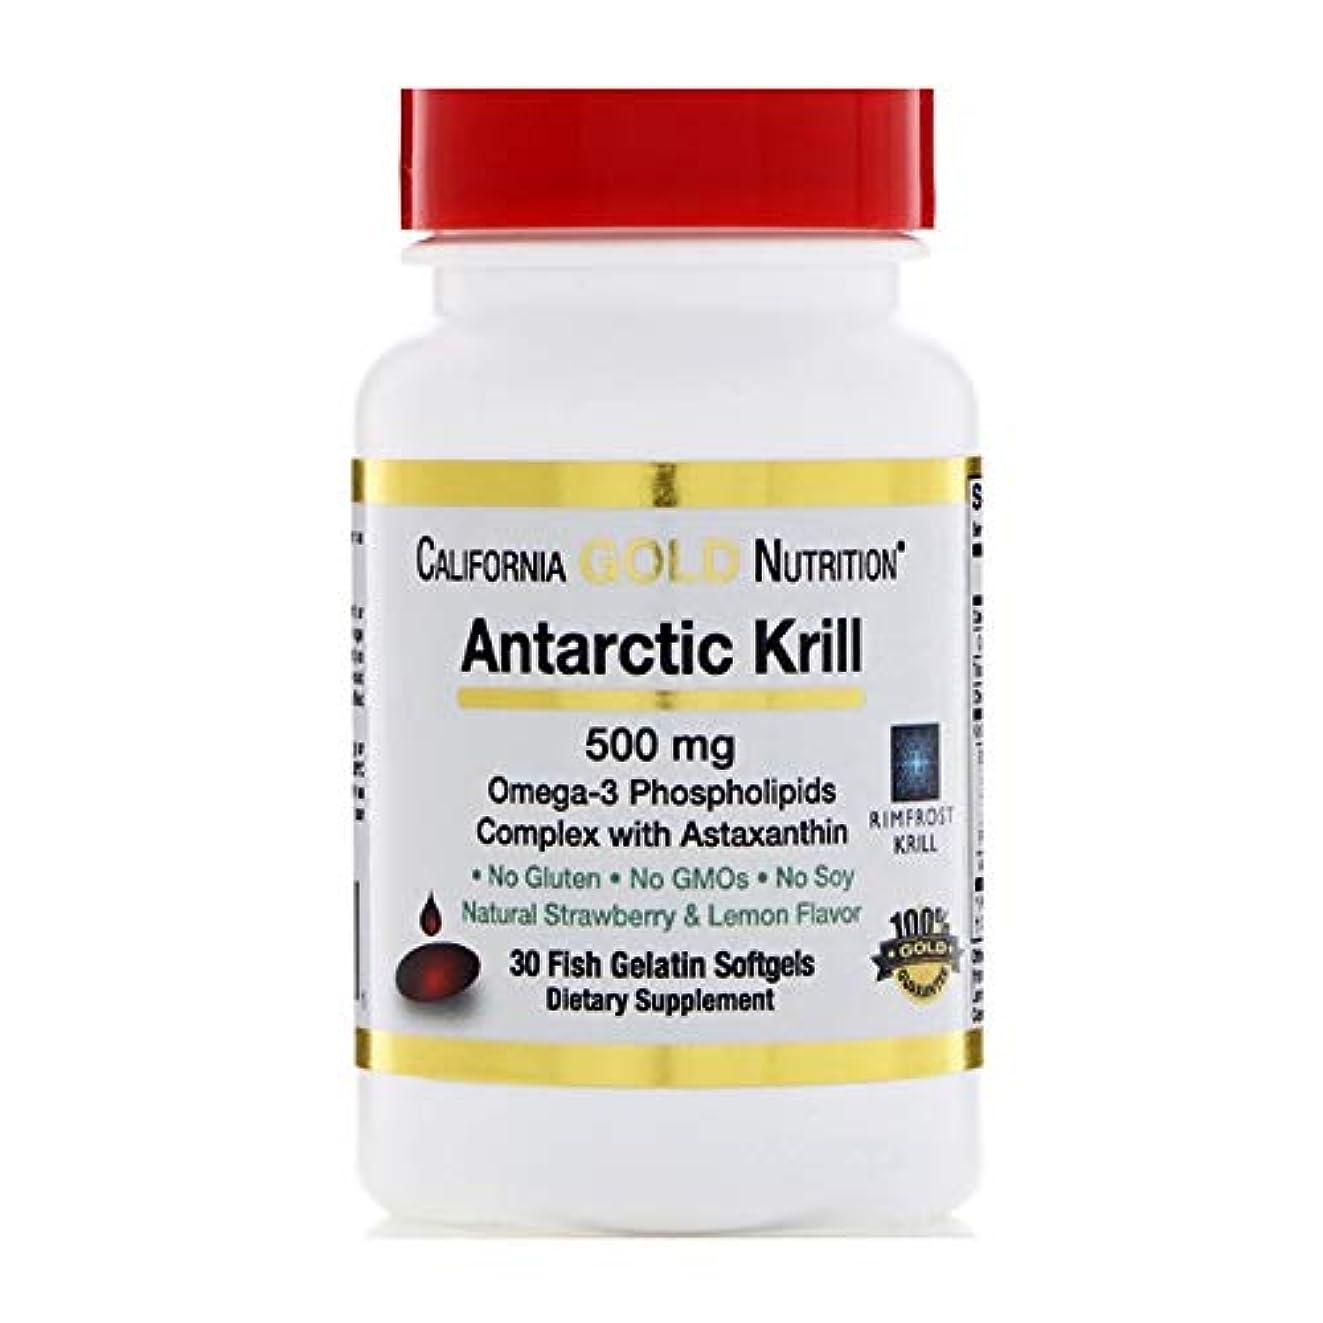 楽しむ古いオークランドCalifornia Gold Nutrition Antarctic Krill Oil アスタキサンチン配合 RIMFROST 天然イチゴ レモン味 500 mg フィッシュゼラチンソフトジェル 30粒 【アメリカ直送】